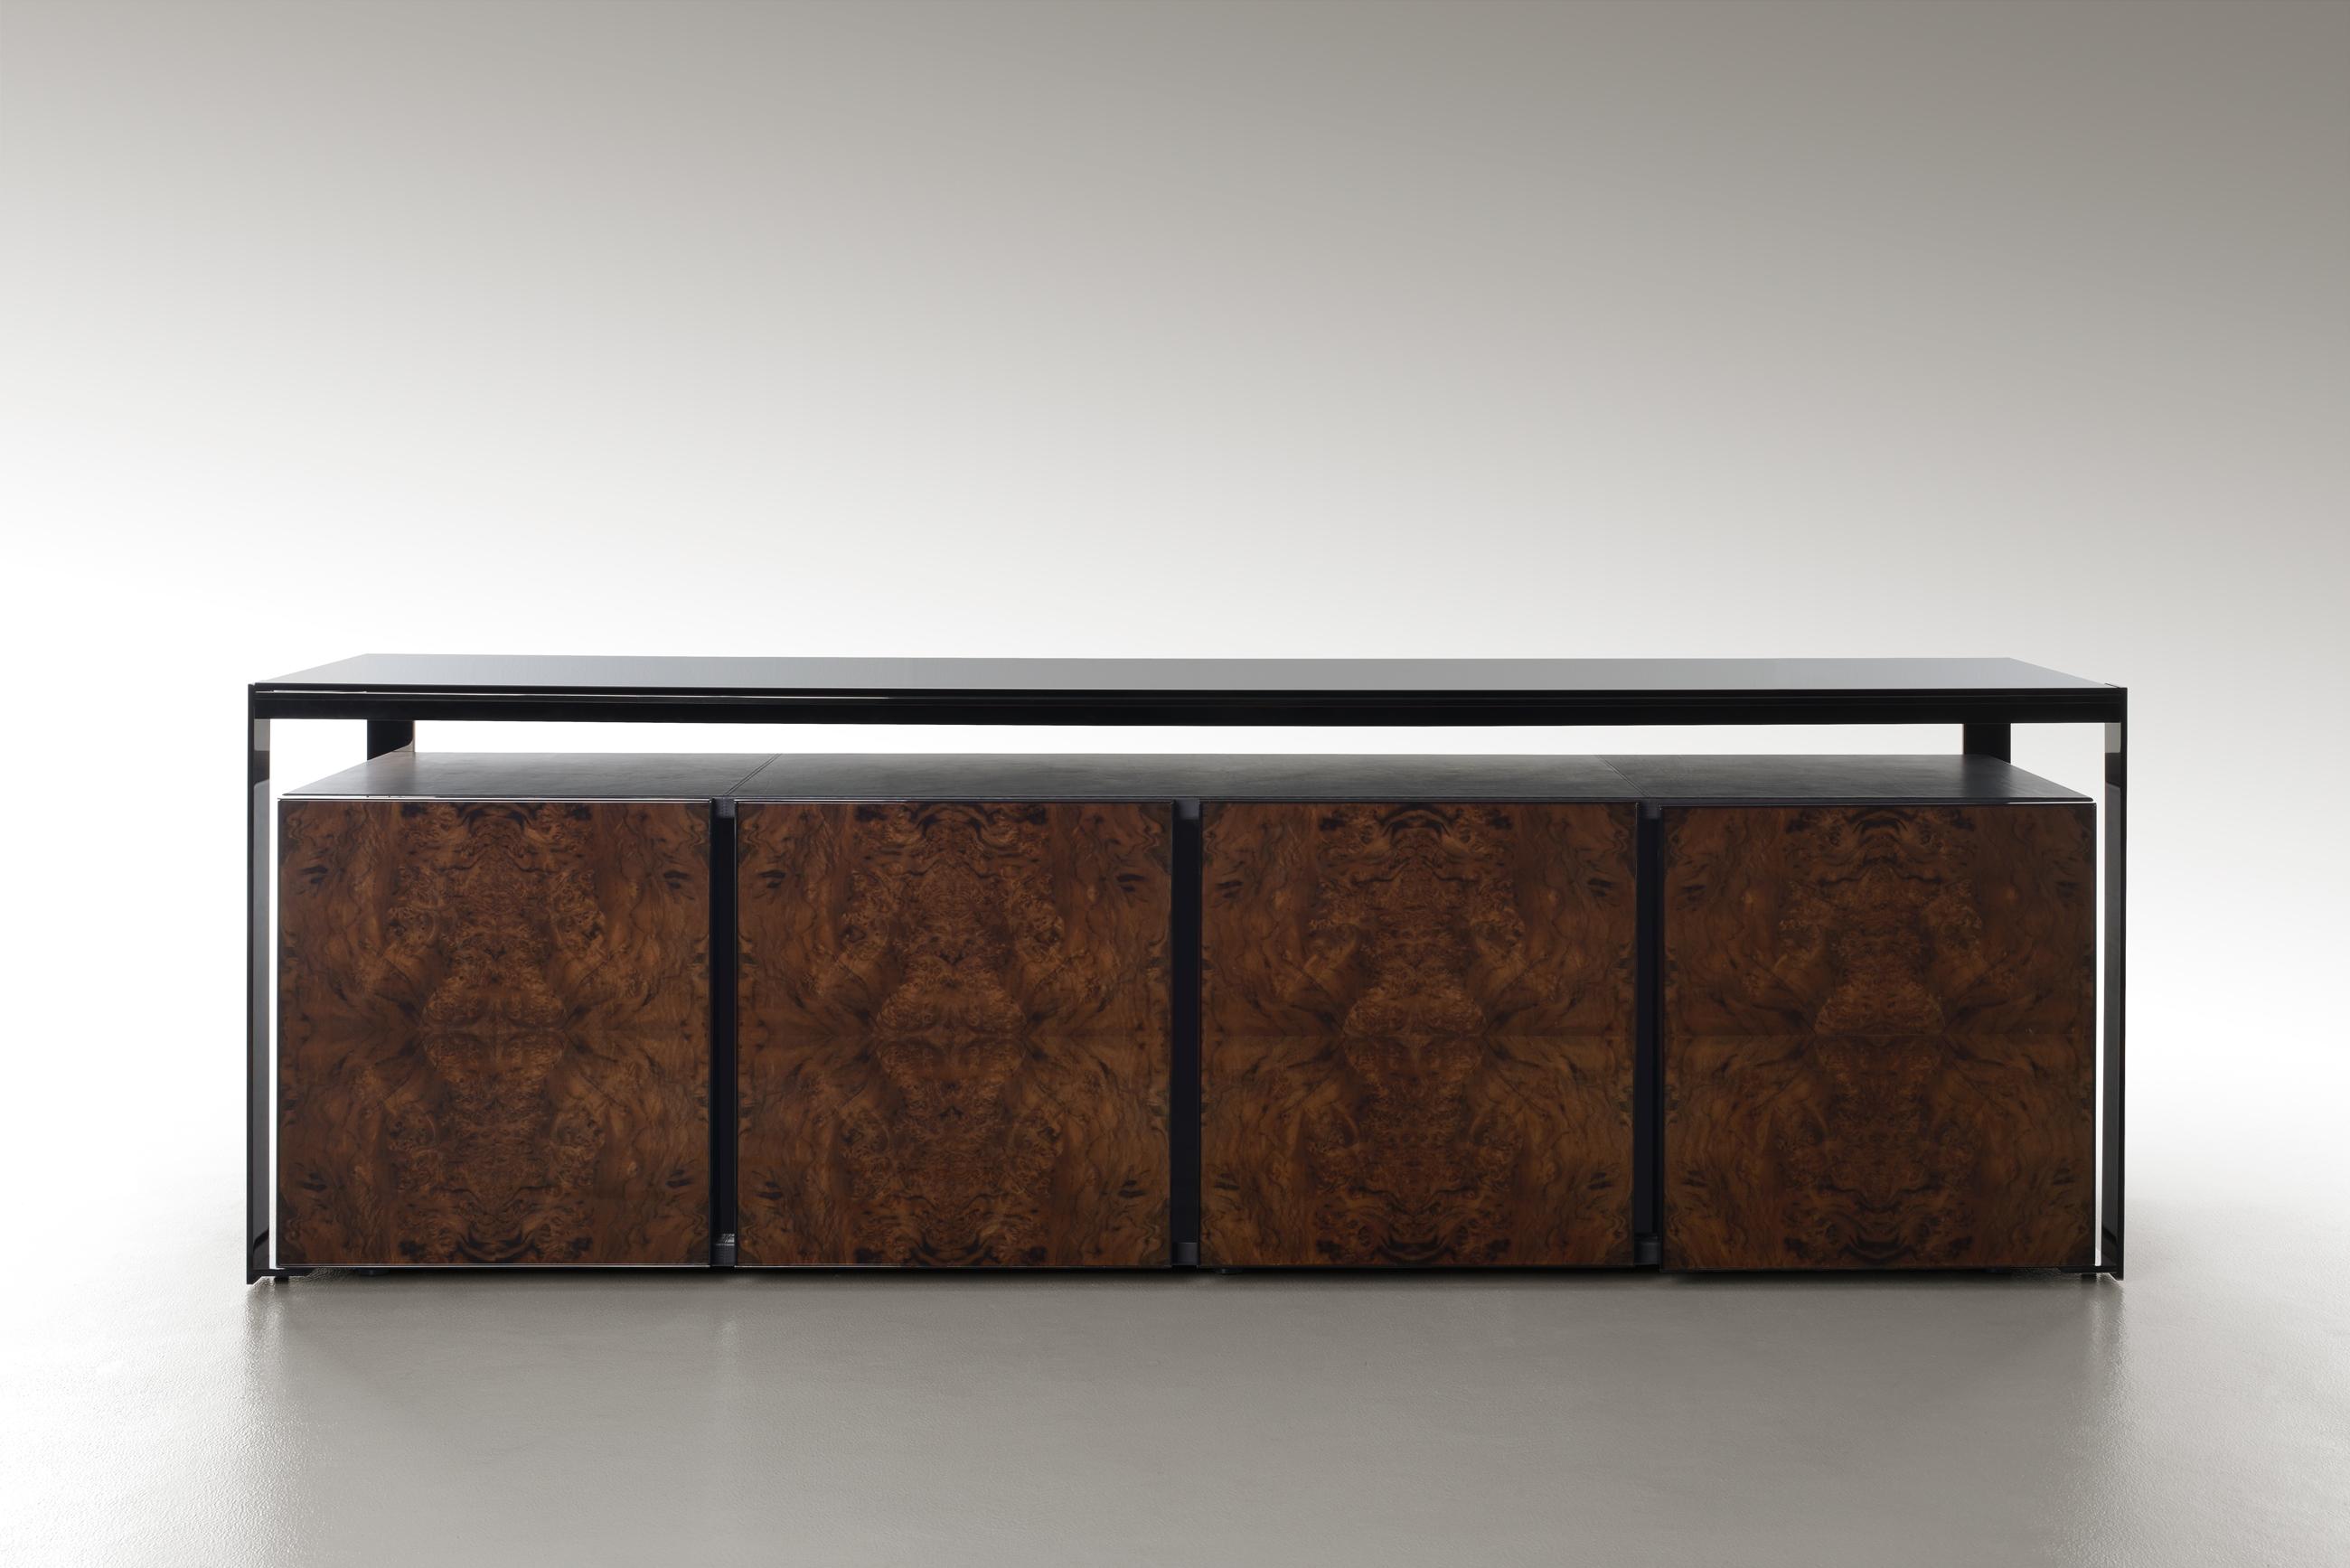 Credenza Ambassador: le linee della credenza Ambassador rimandano ai temi architettonici contemporanei per conferire all'insieme un design dal tocco moderno e maestoso ad esaltarne l'eleganza e l'originalità.